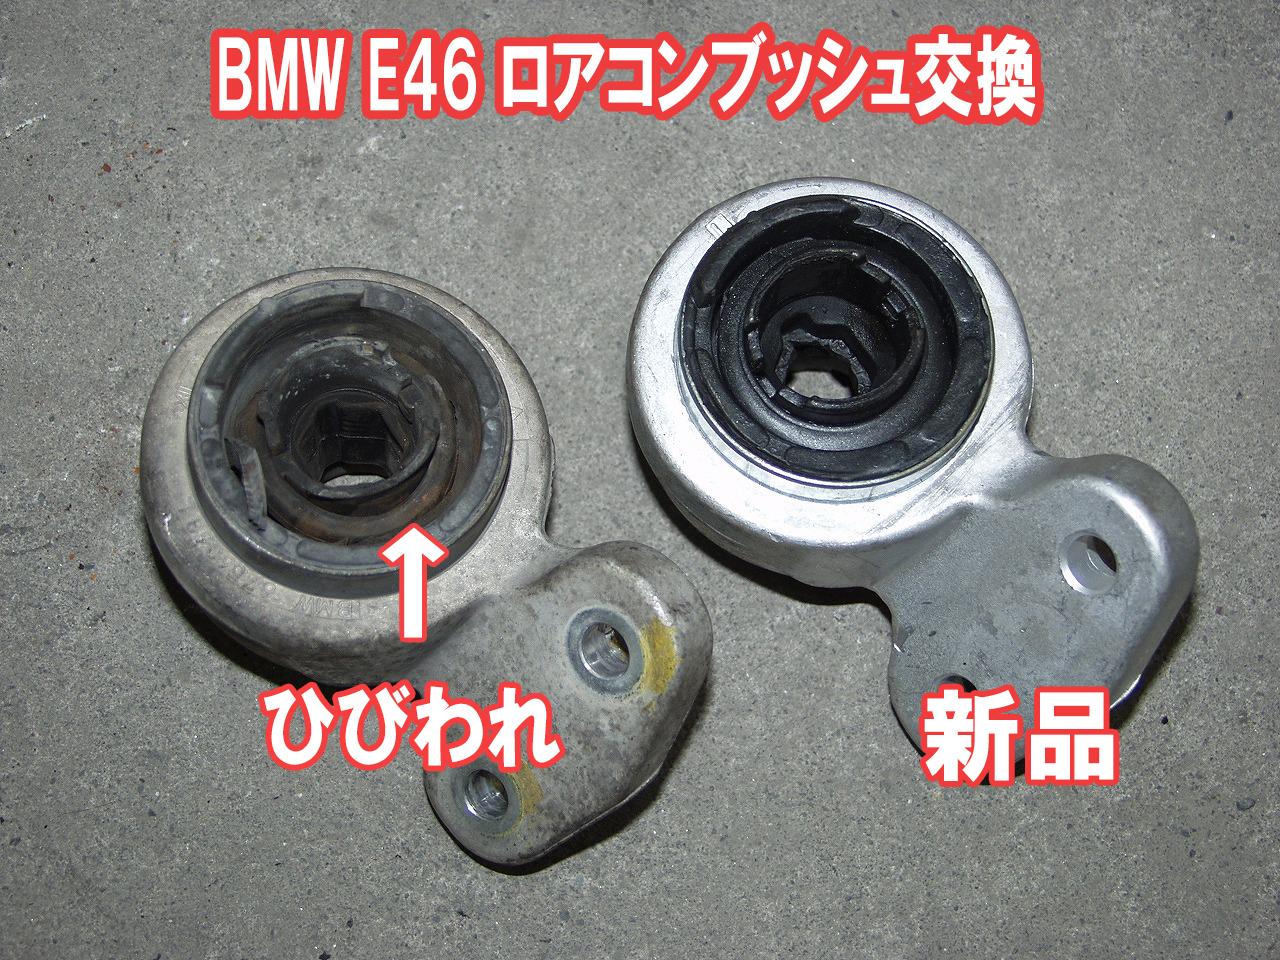 BMW E46のブッシュ交換は社外部品がお得です。